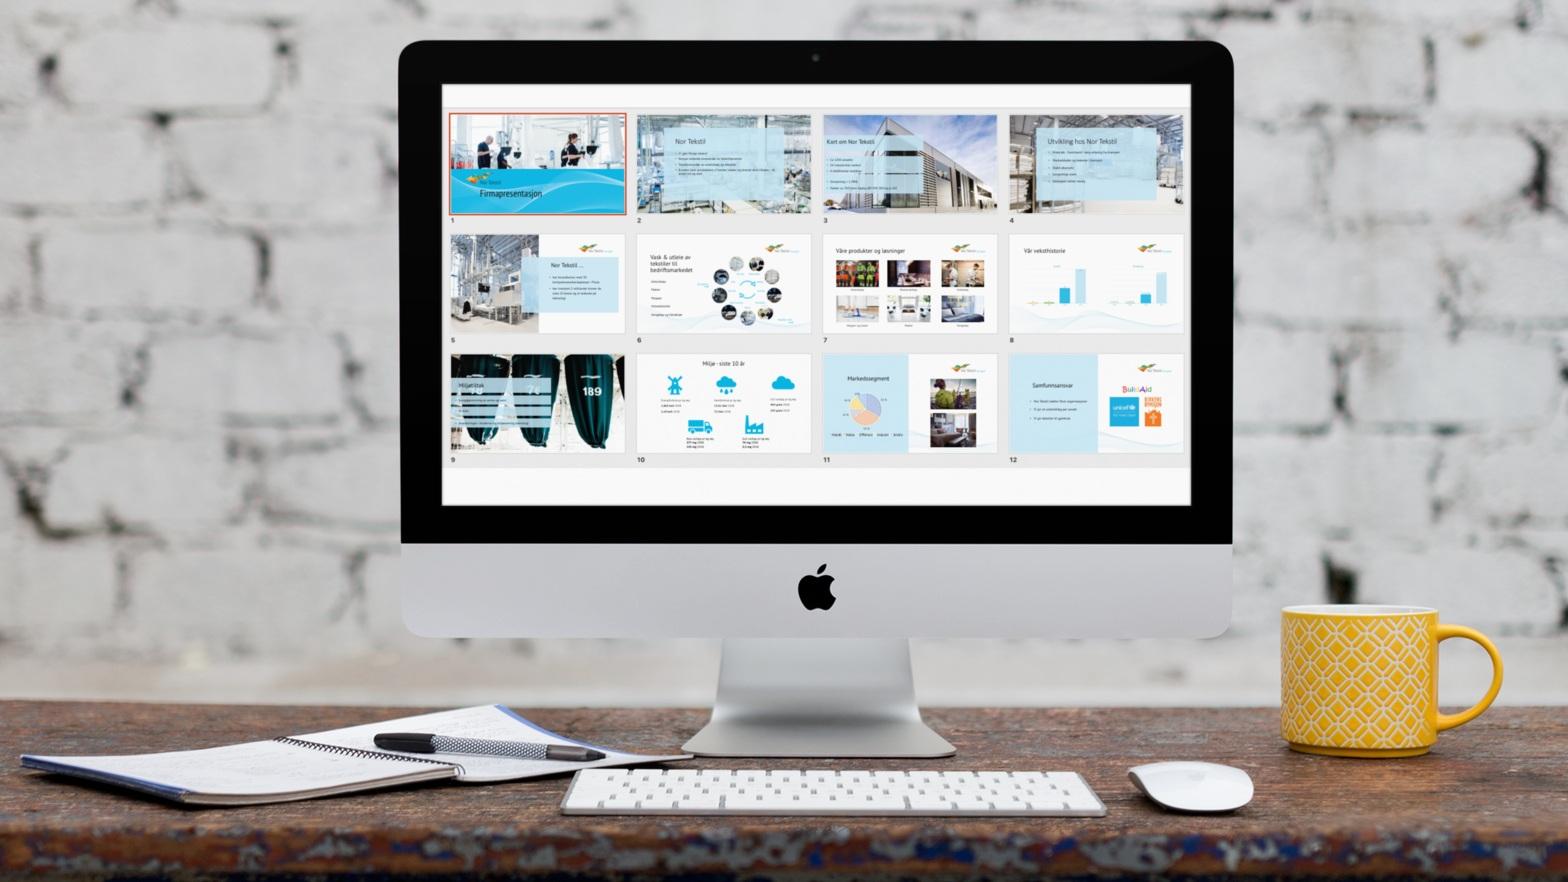 La Gasta hjelpe deg! - Våre designerar kan hjelpe deg med din Powerpoint-presentasjon.Vi kan:1. Utvikle Powerpoint-mal (tema + lysbildeoppsett) - så gjer du resten av presentasjoneneller2. Utvikle ein komplett, seljande presentasjon med design og kommunikasjon som treff målruppa.